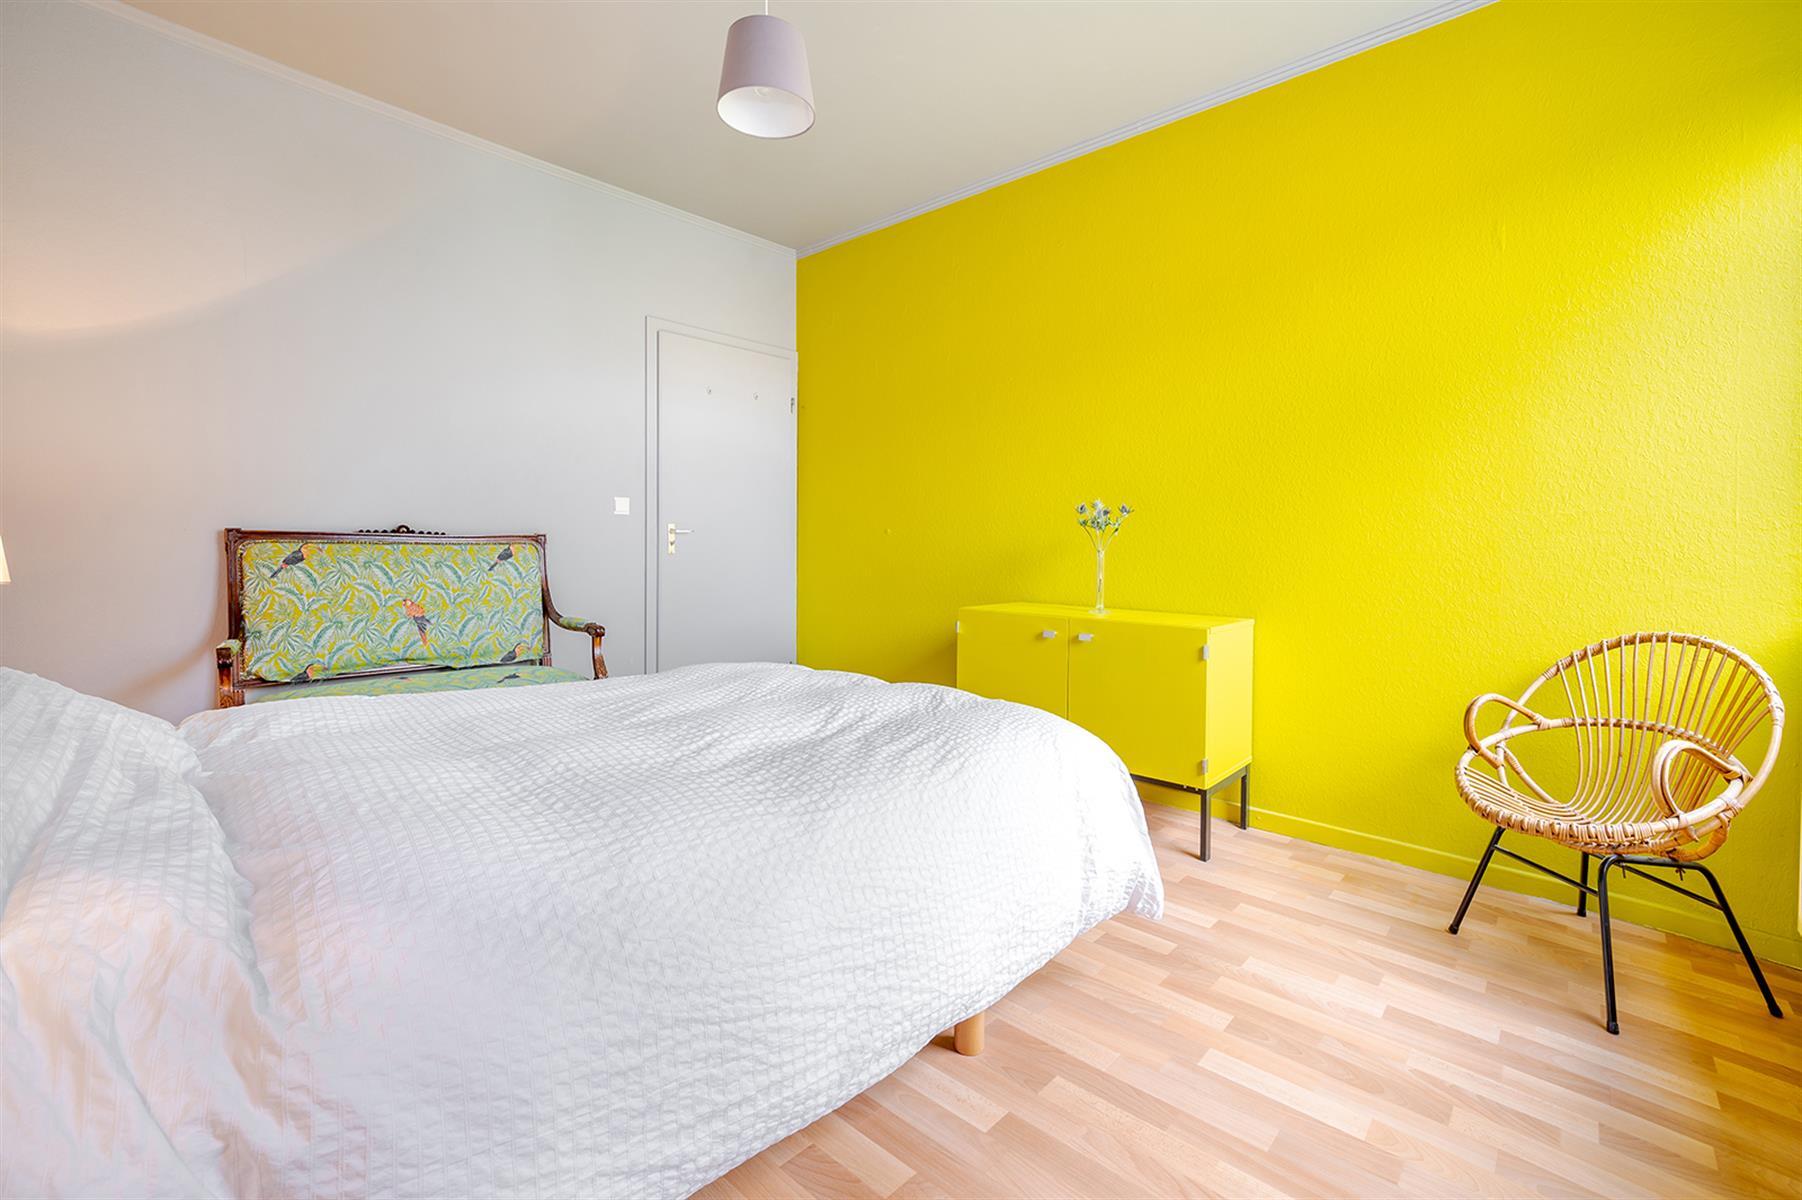 Appartement - Liege - #4374336-6